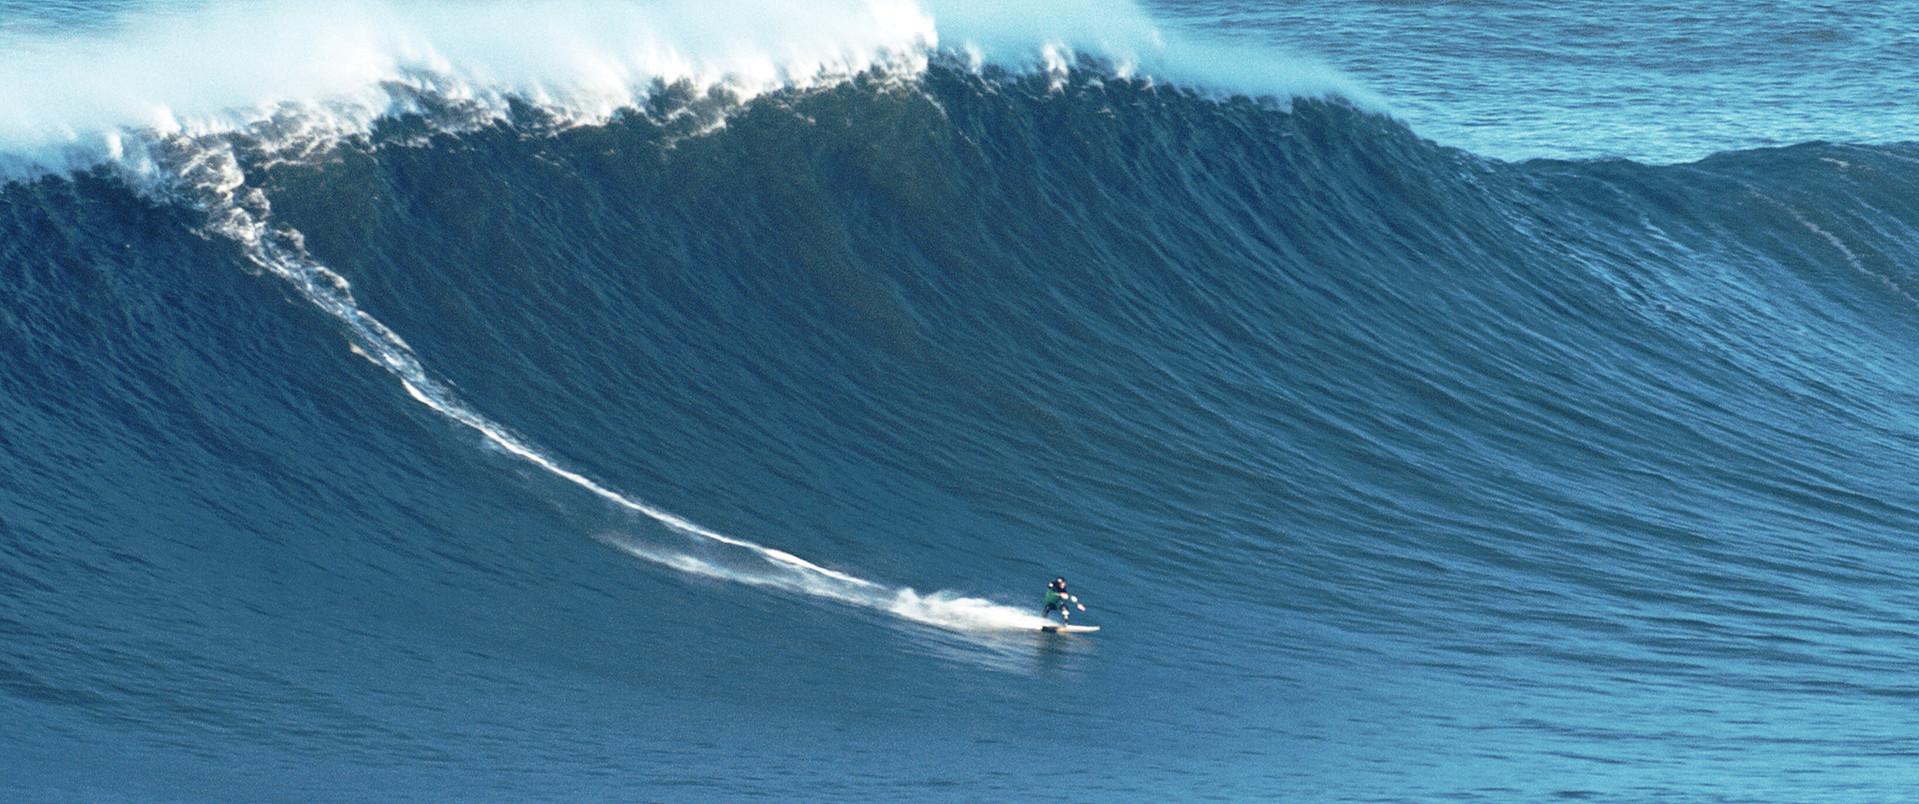 Dennis-Mill-Kamera-Surfer.jpg